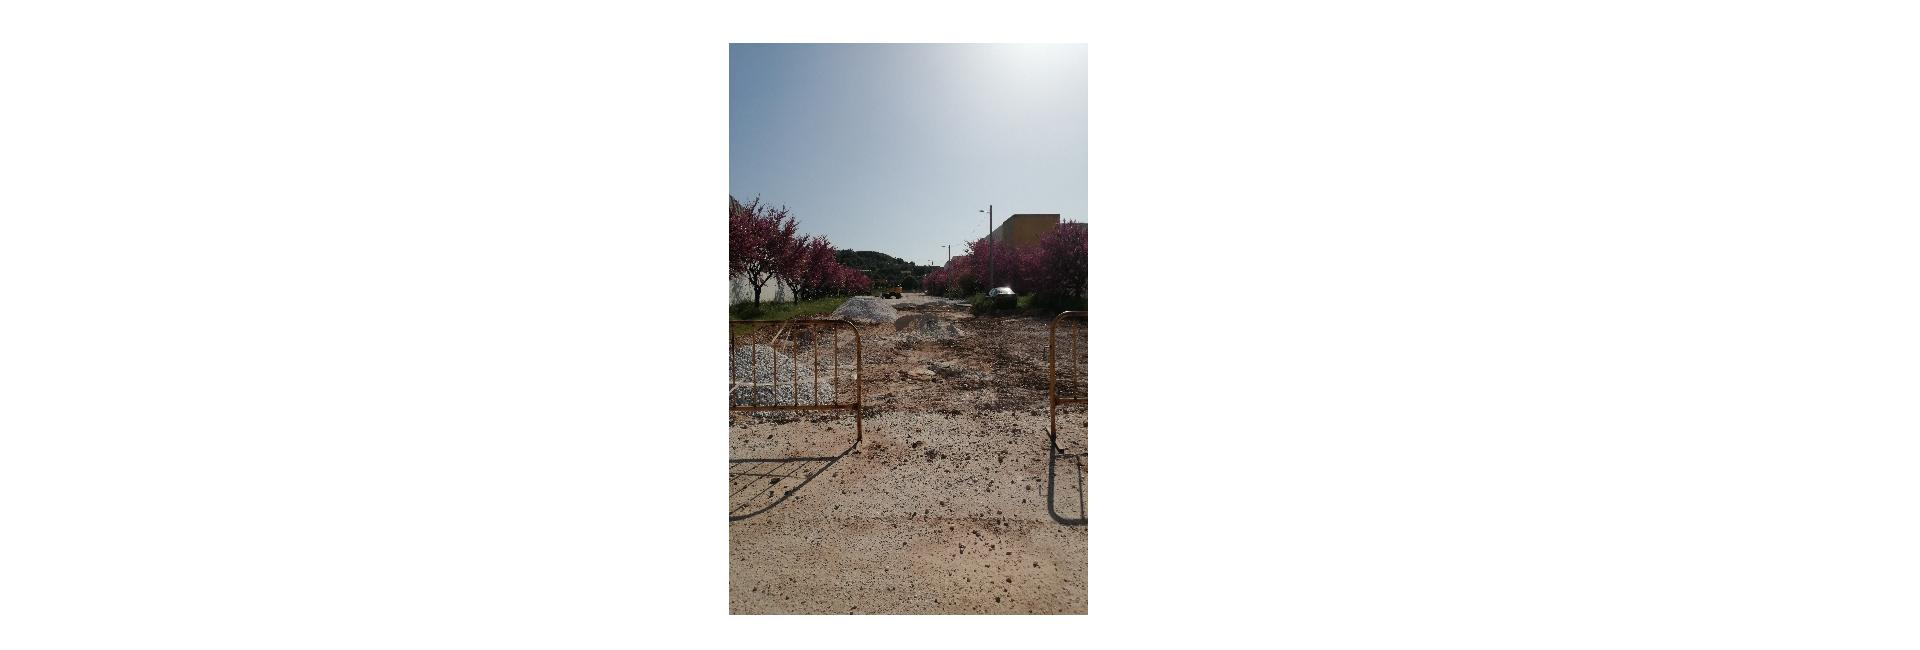 Aprovação do Início de Procedimento da Obra Pavimentações da Via E3, Via P3 e Rua A na Zona Industrial de Vila Viçosa